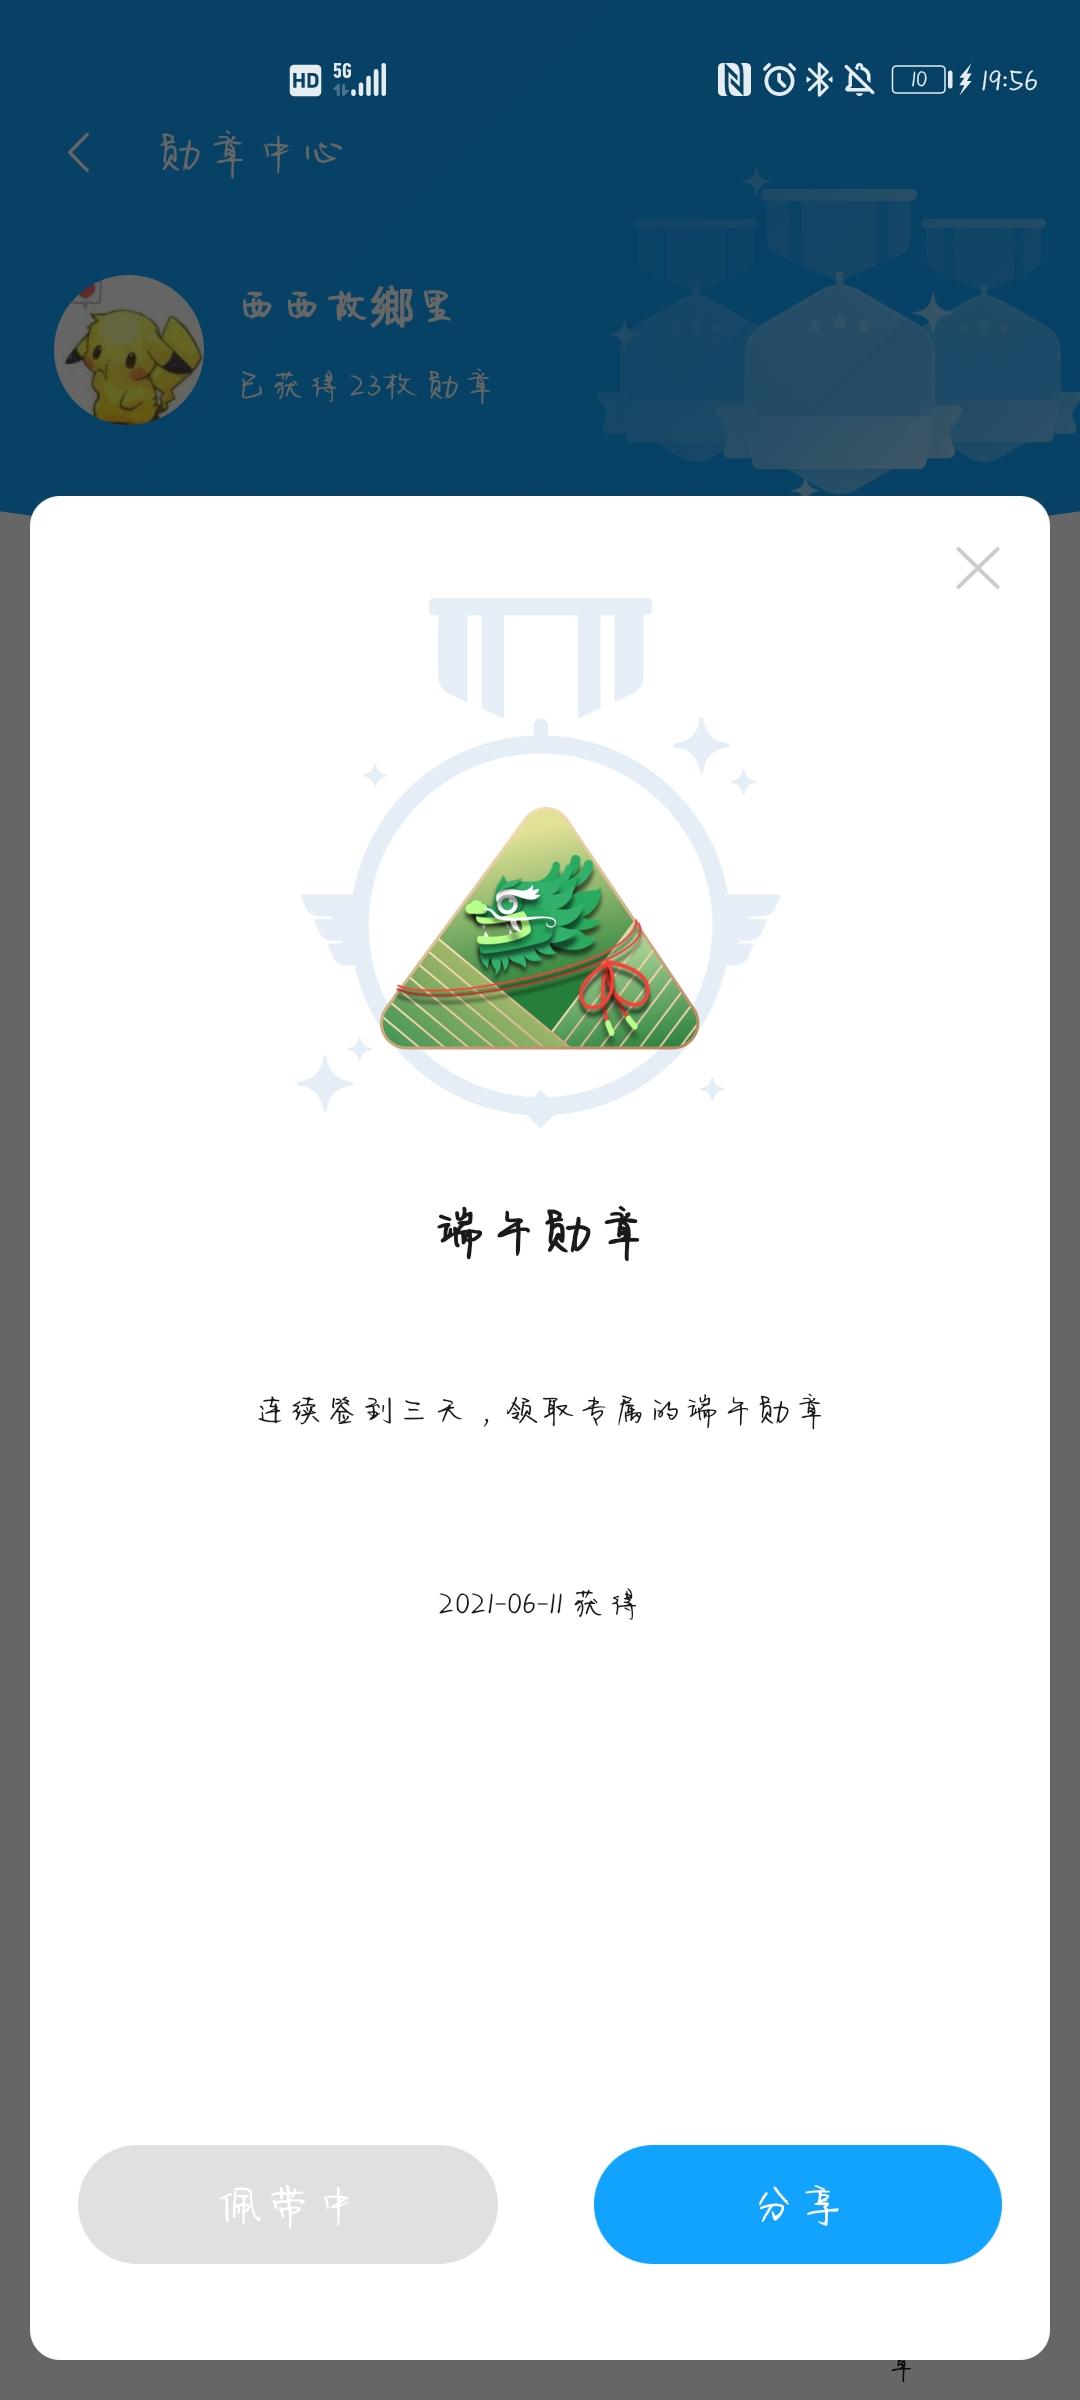 Screenshot_20210611_195613_com.huawei.fans.jpg